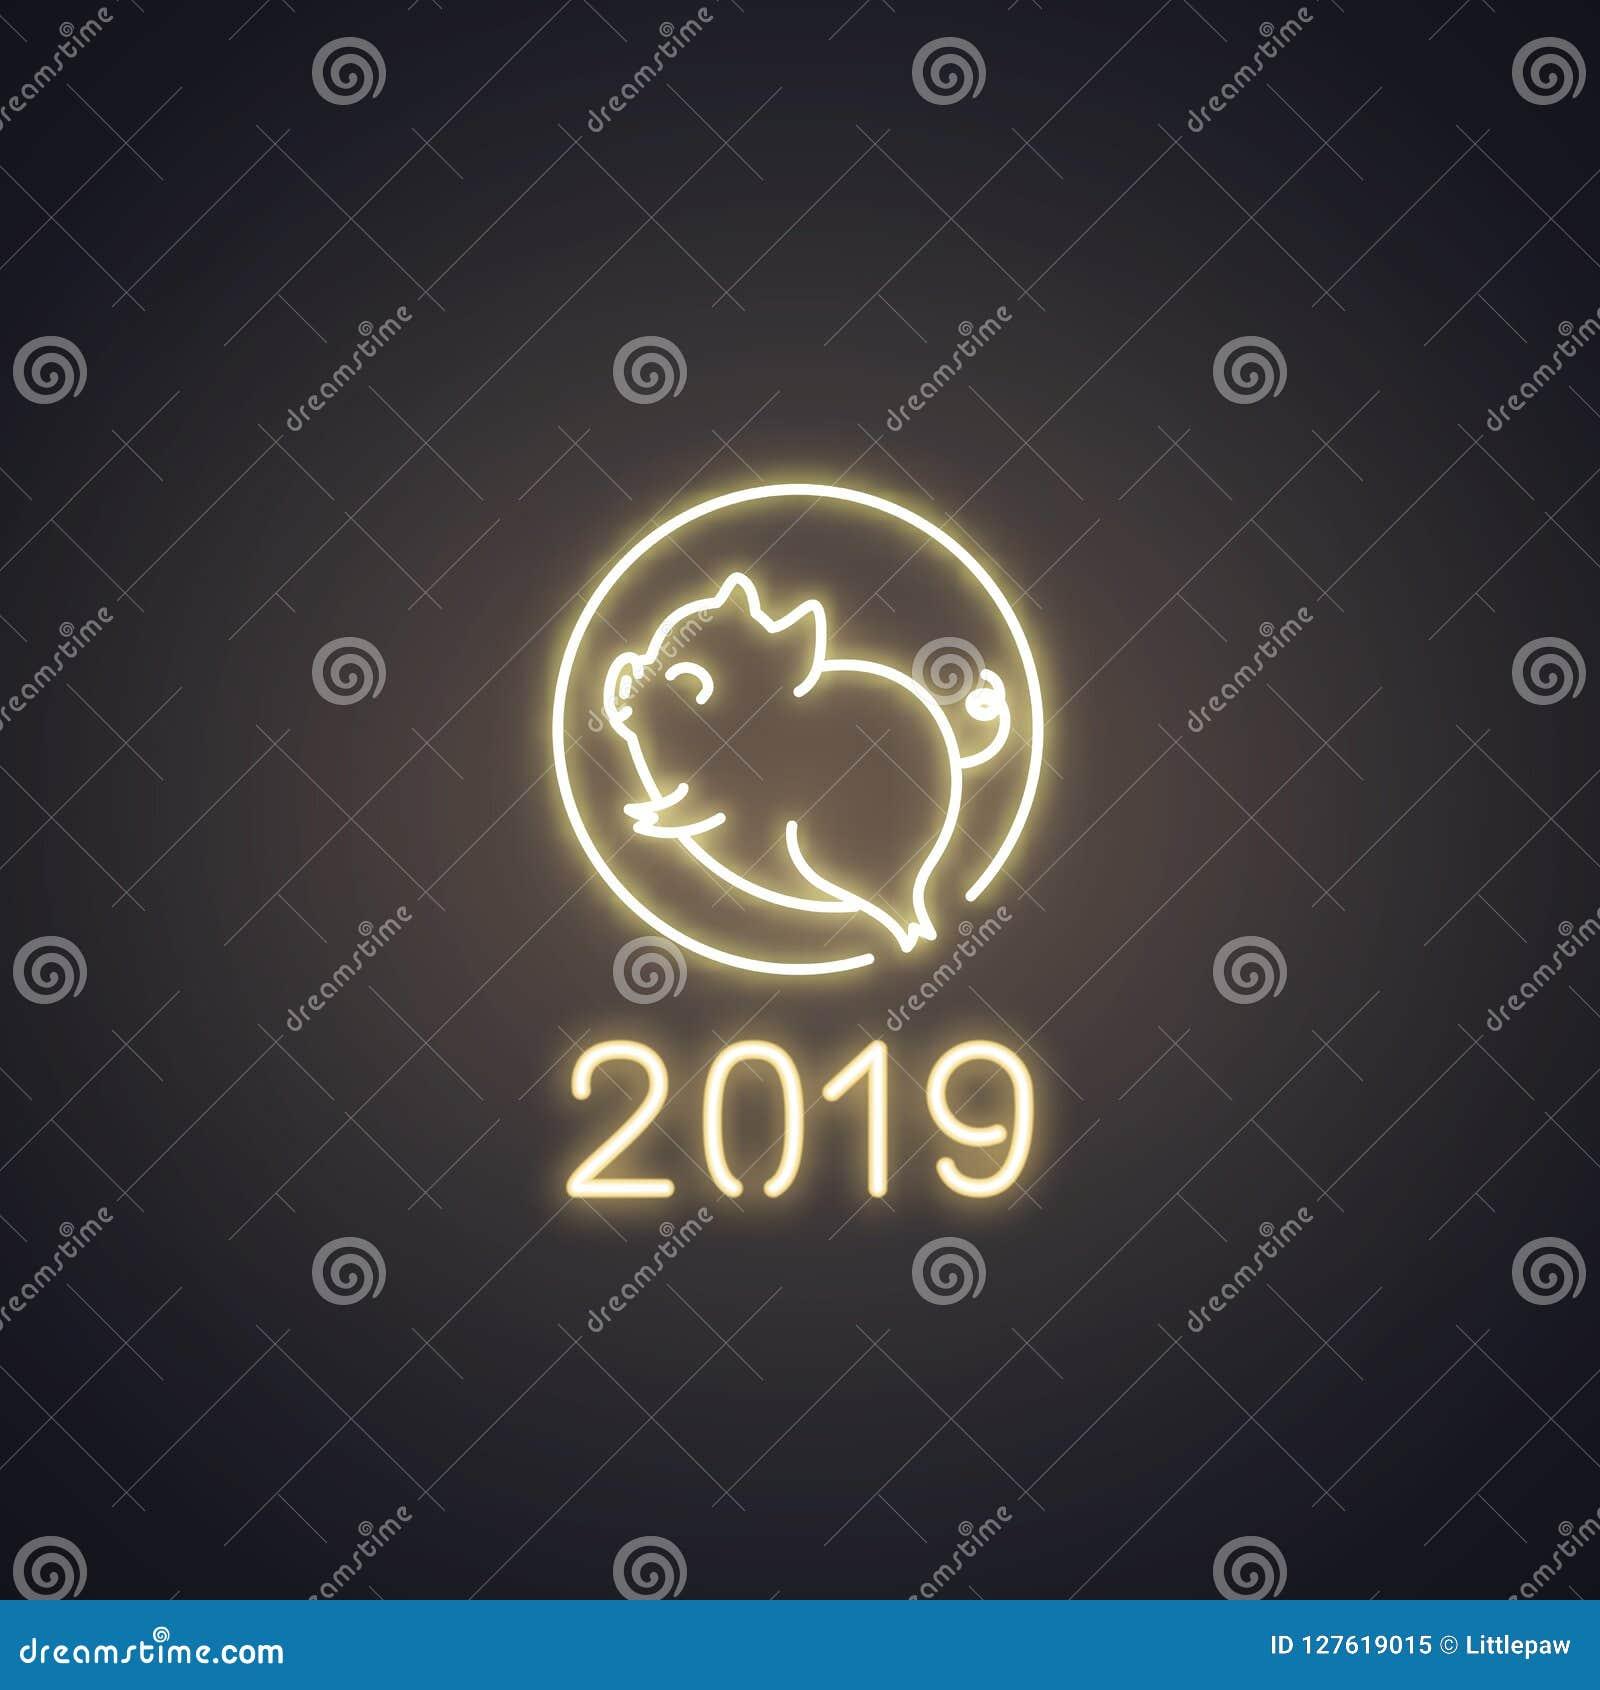 Oroscopo Cinese Maiale 2019 logo al neon del maiale sveglio, progettazione 2019